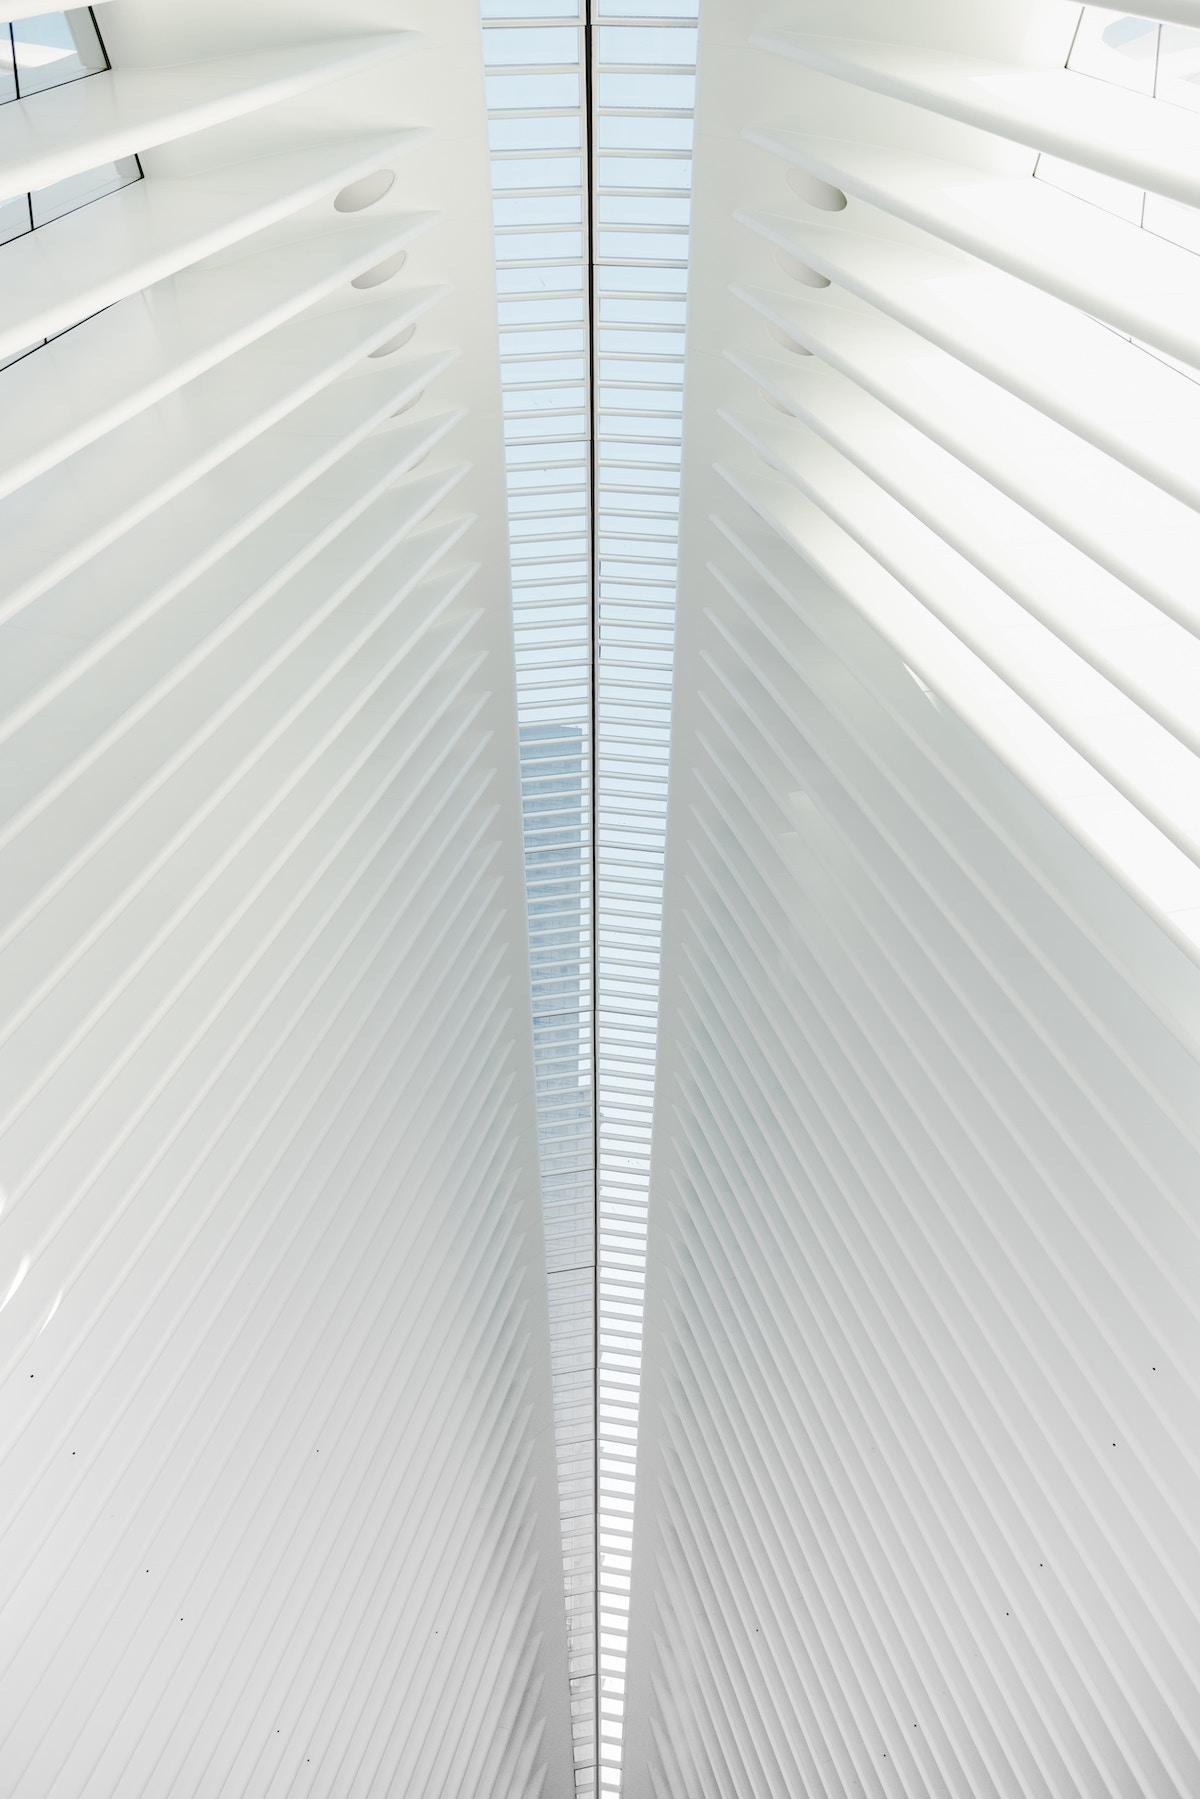 Billedet viser et hvidt tag indefra med glas i midten.